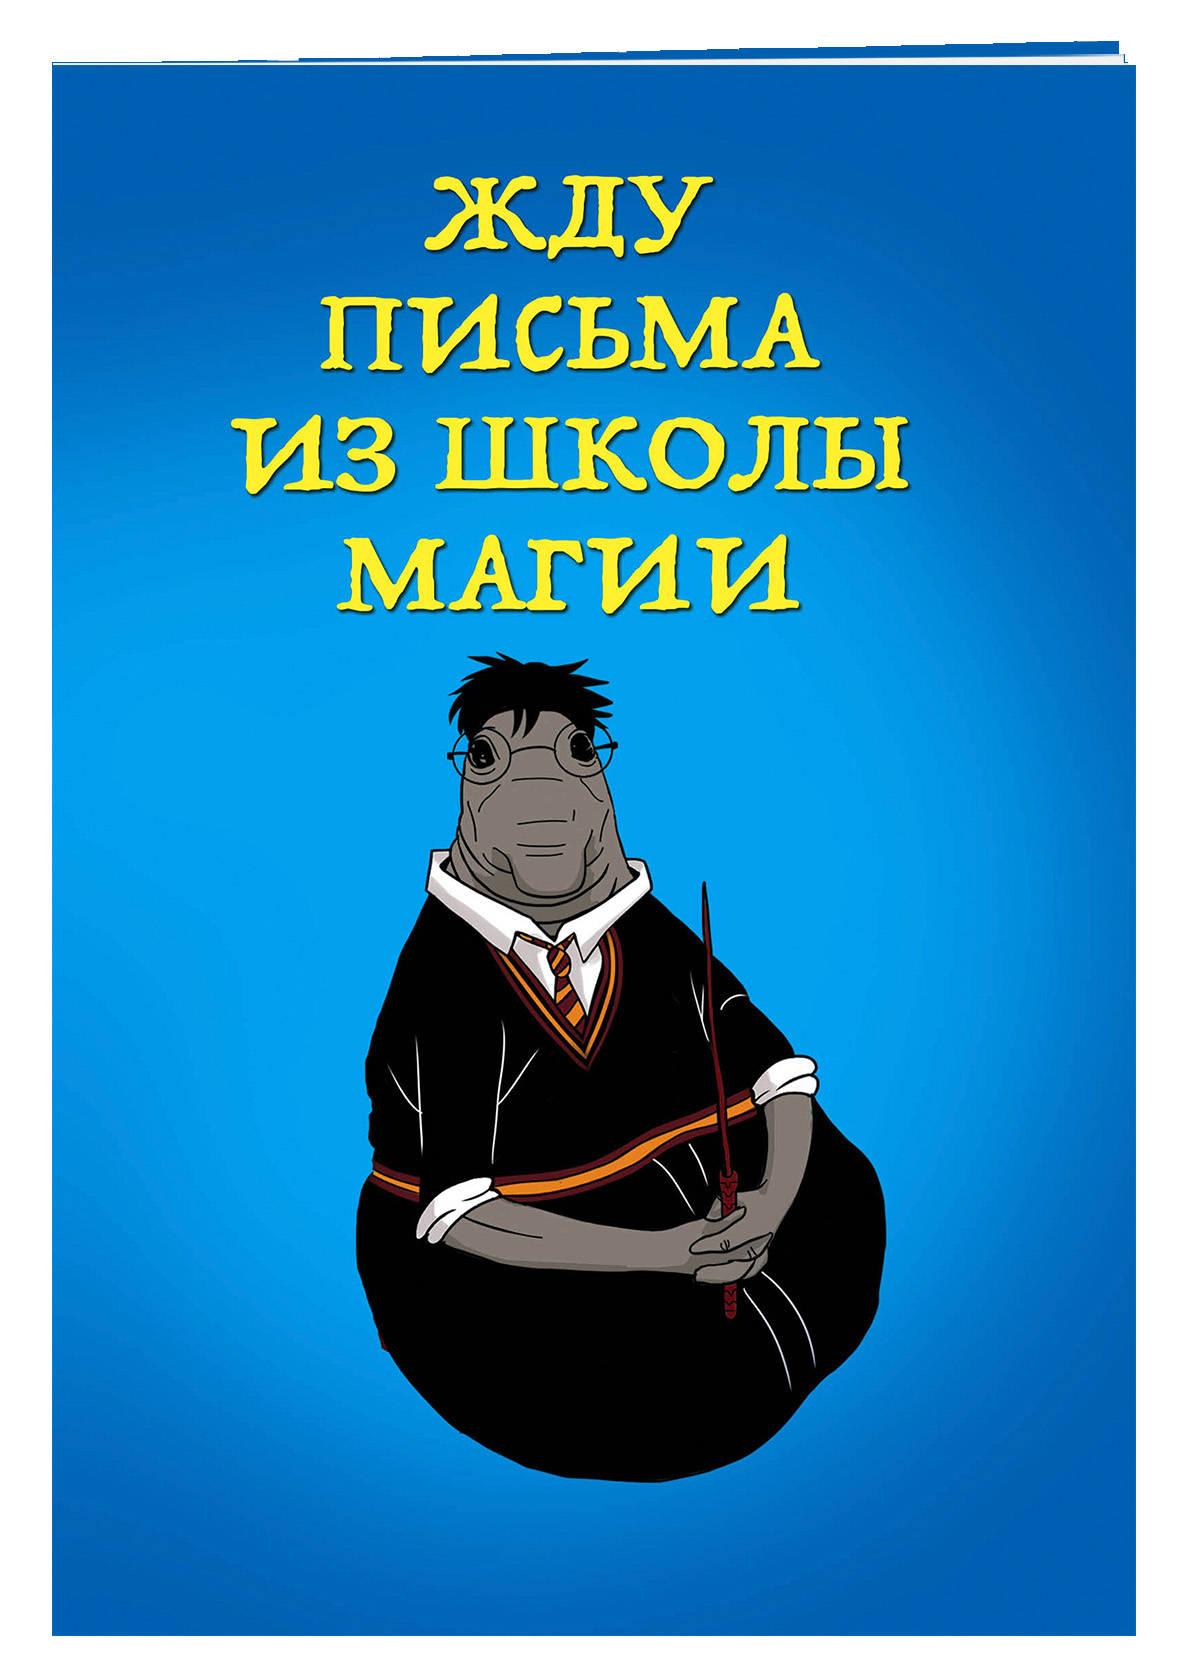 Жду письма из школы магии (блокнот в мягкой обложке линейку)